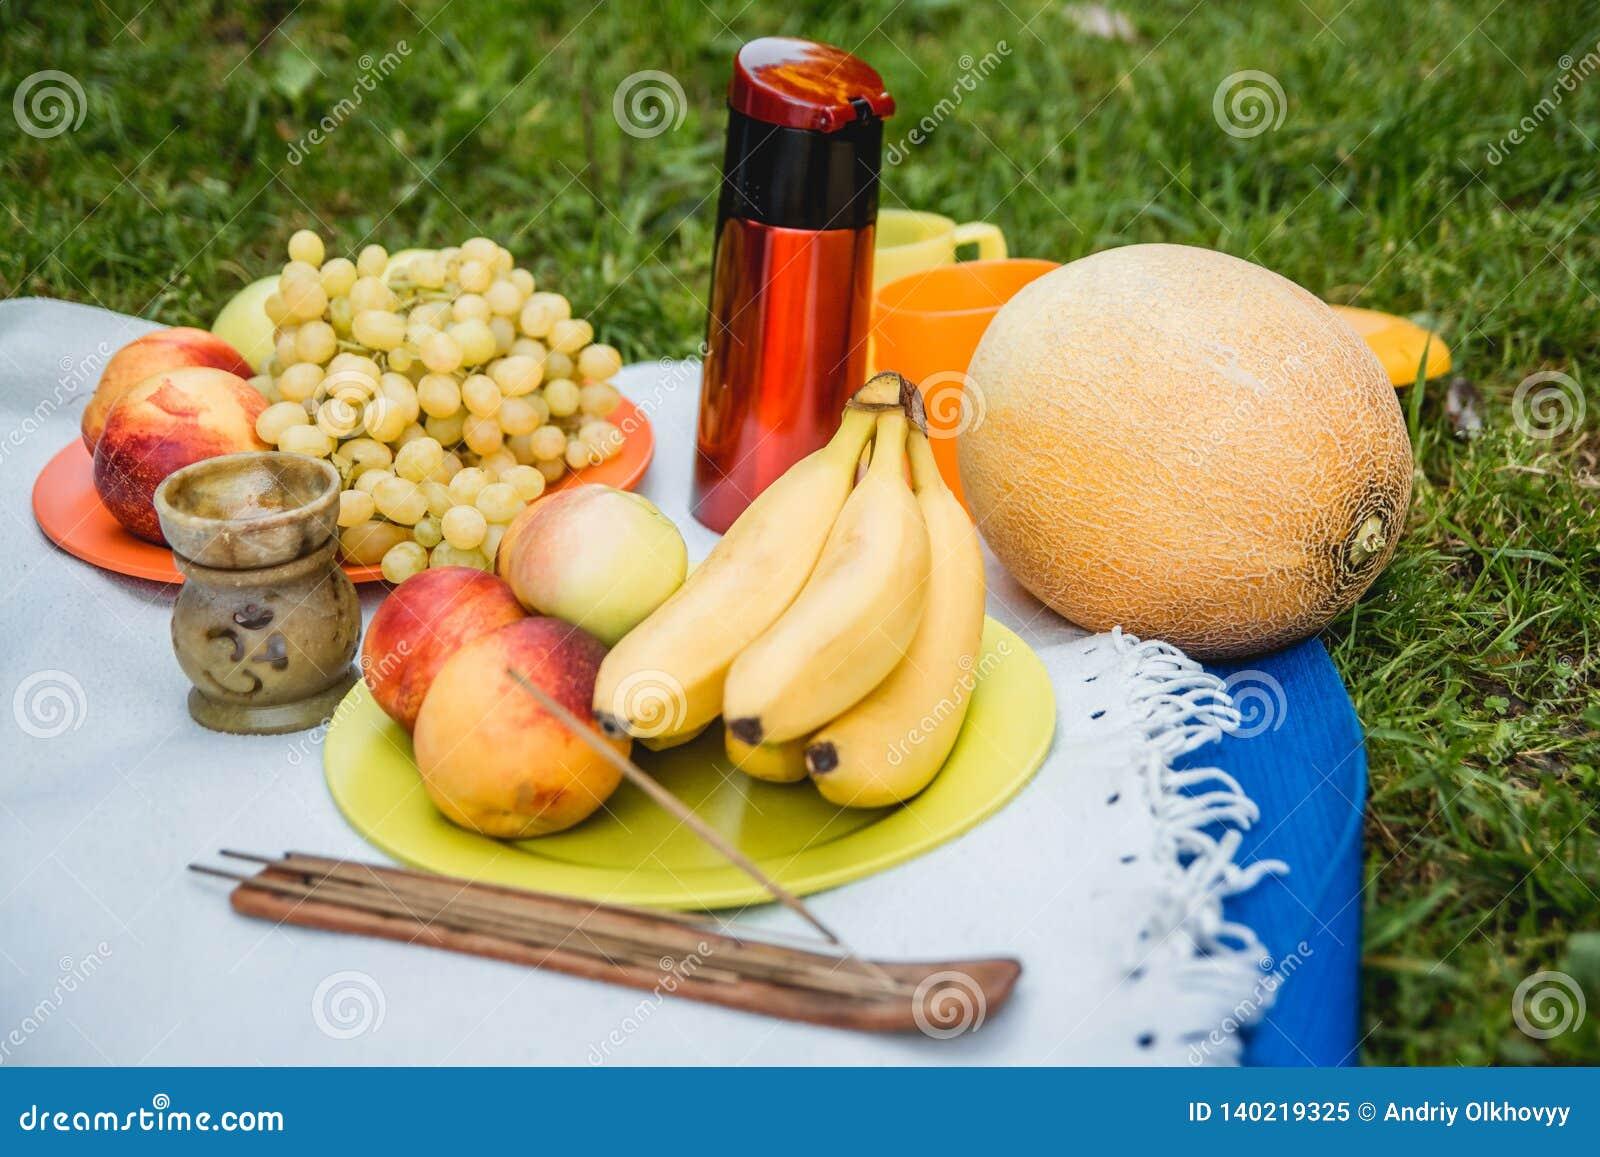 Picknickbakgrund med vitt vin och sommar bär frukt på grönt gräs